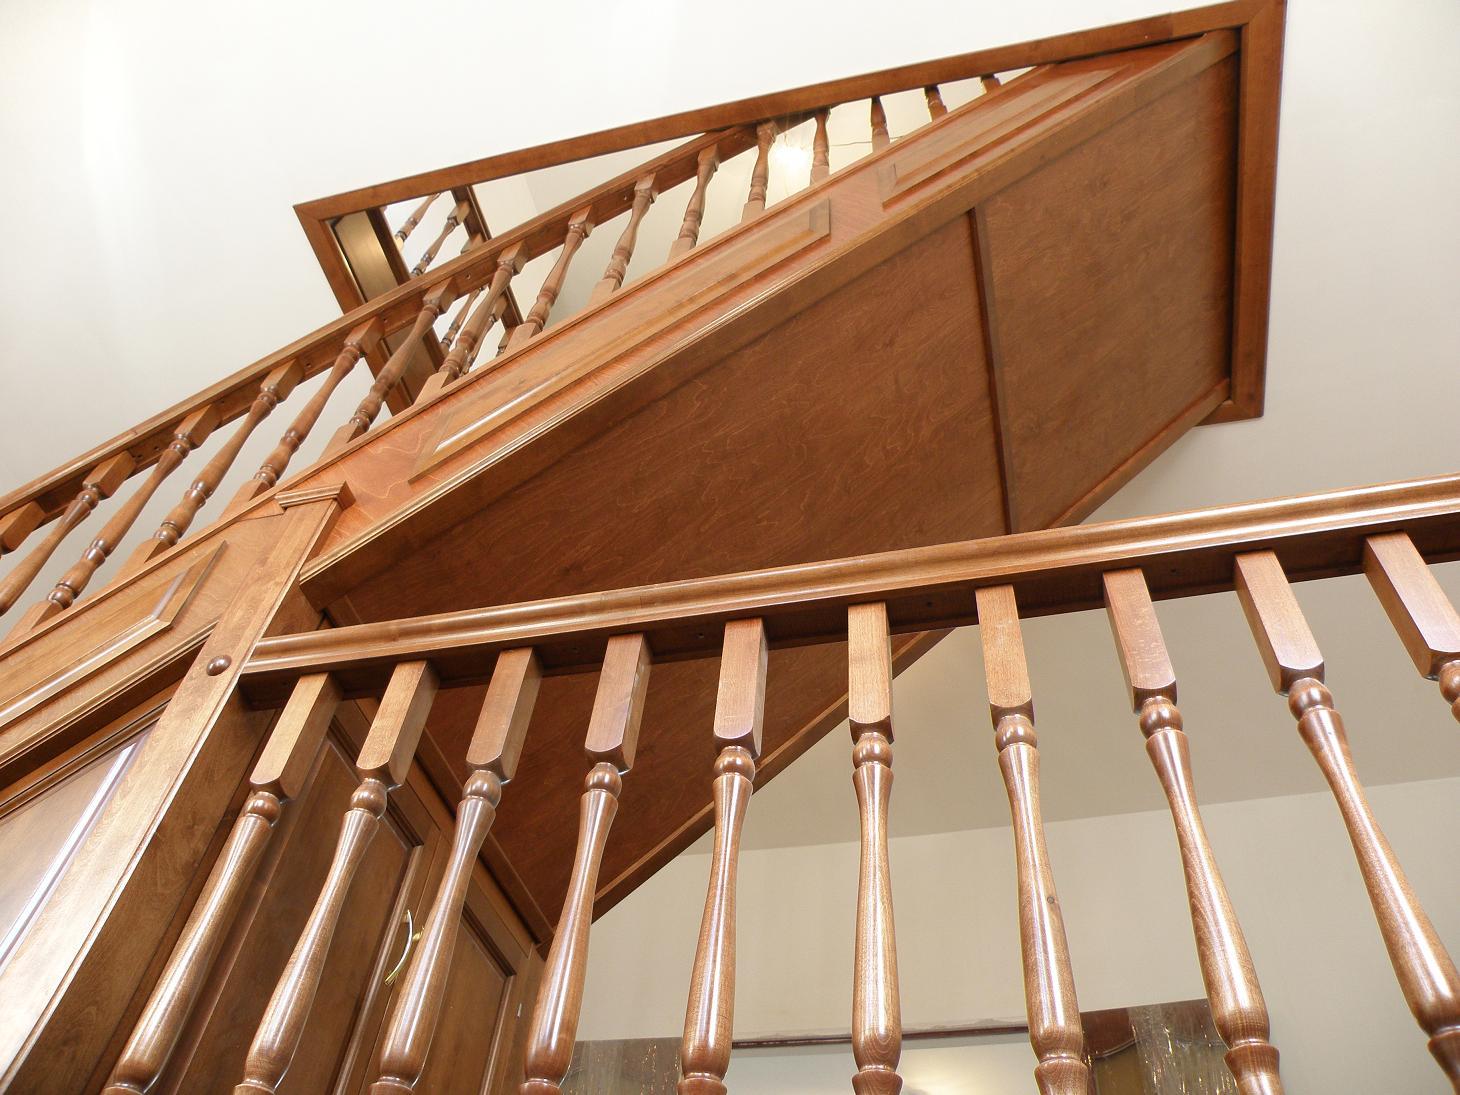 Лестницы, мебель, двери, окна, арки - эксклюзивная продукция из массива ценных пород деревьев